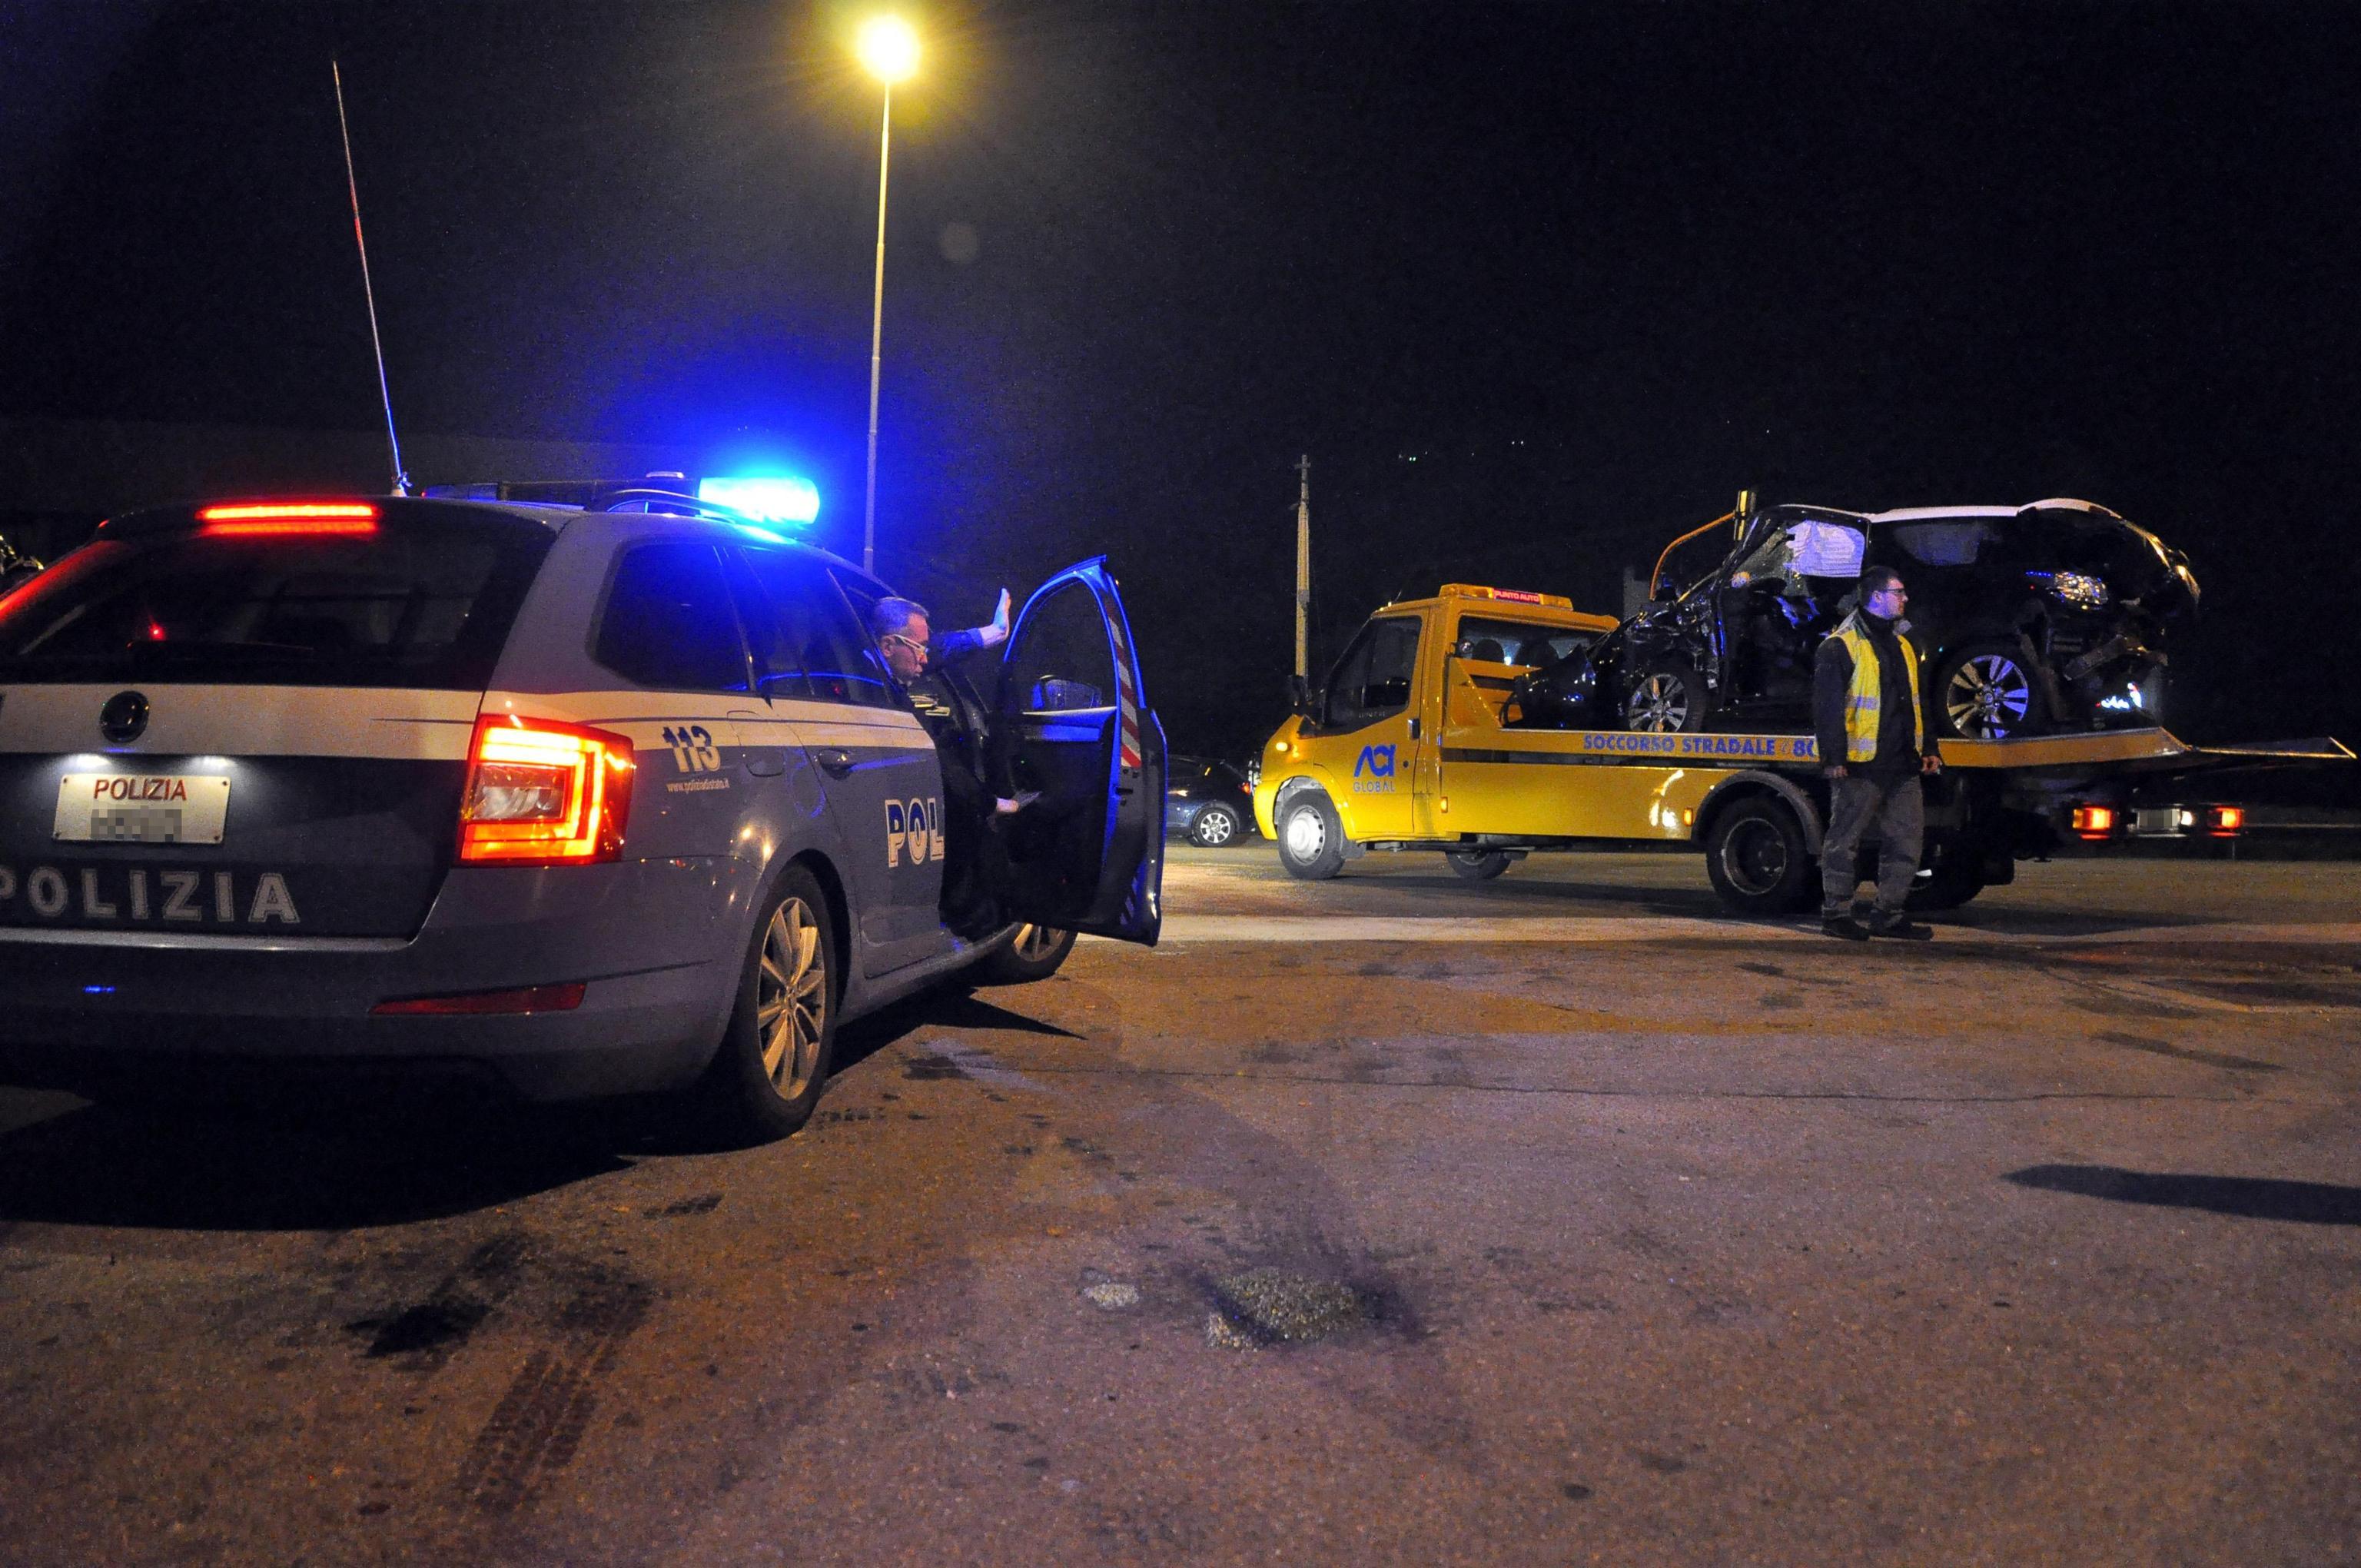 Incidenti stradali: generalità dei testimoni obbligatorie con la riforma sulla Concorrenza